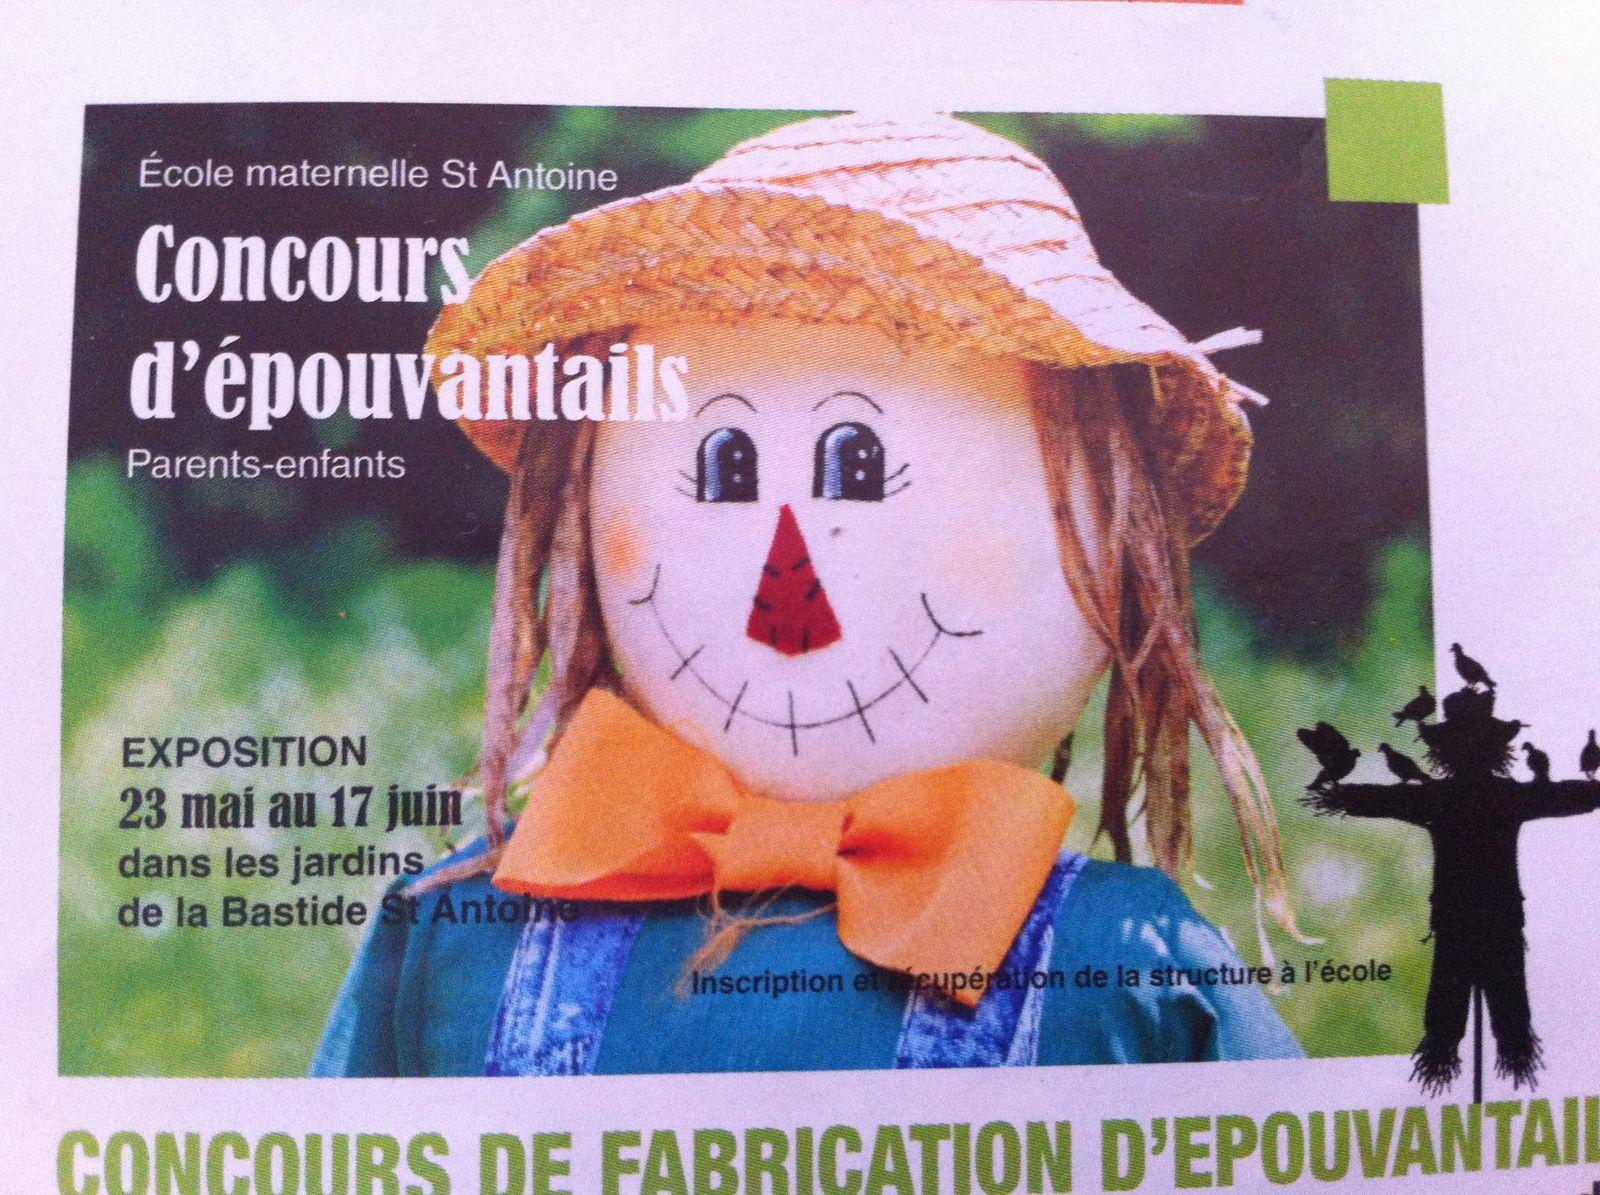 Exposition et concours d'épouvantails école maternelle St Antoine Grasse